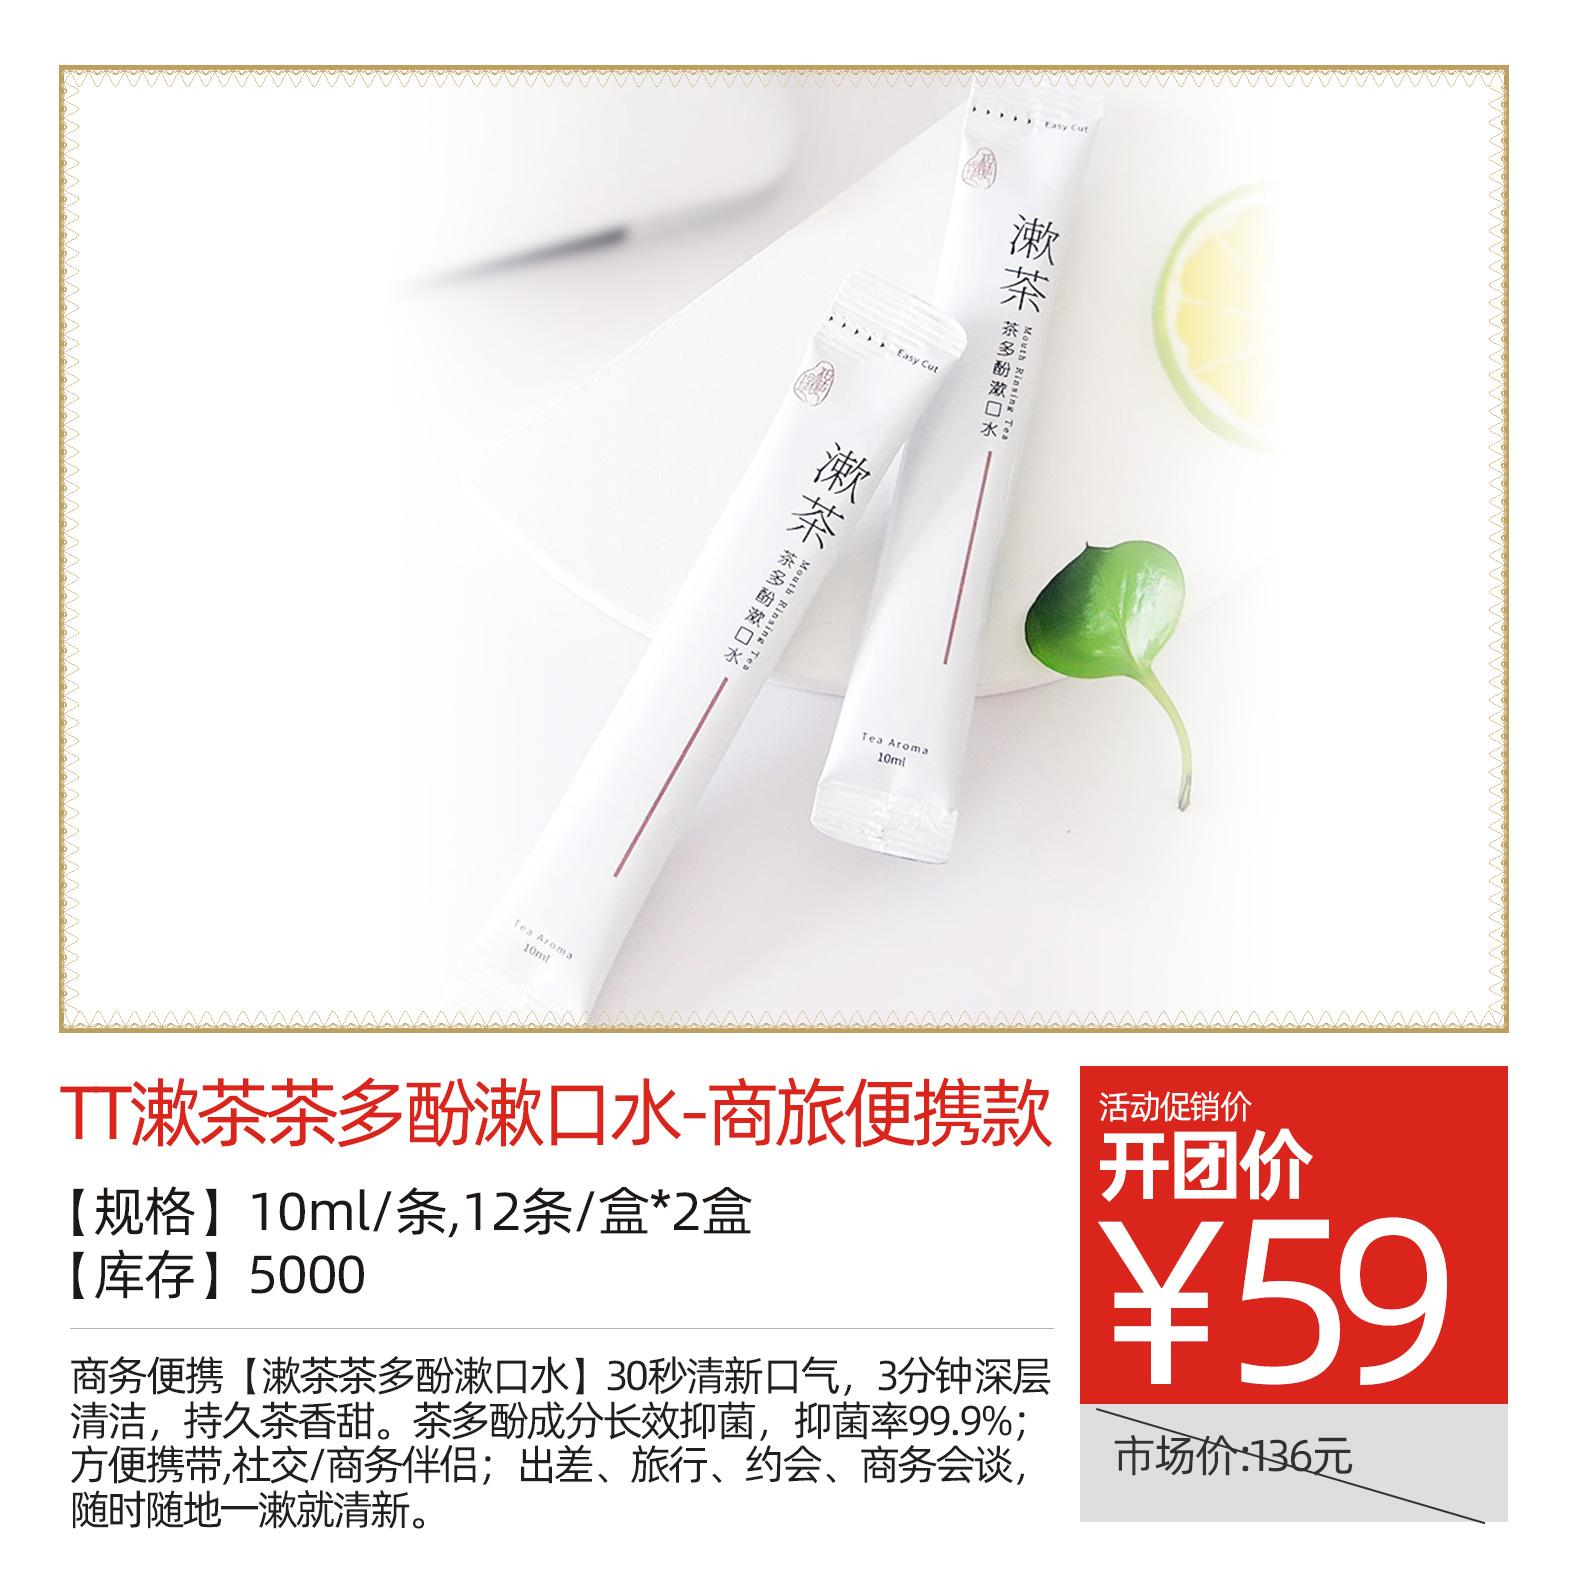 TT漱茶茶多酚漱口水-商旅便携款/2盒